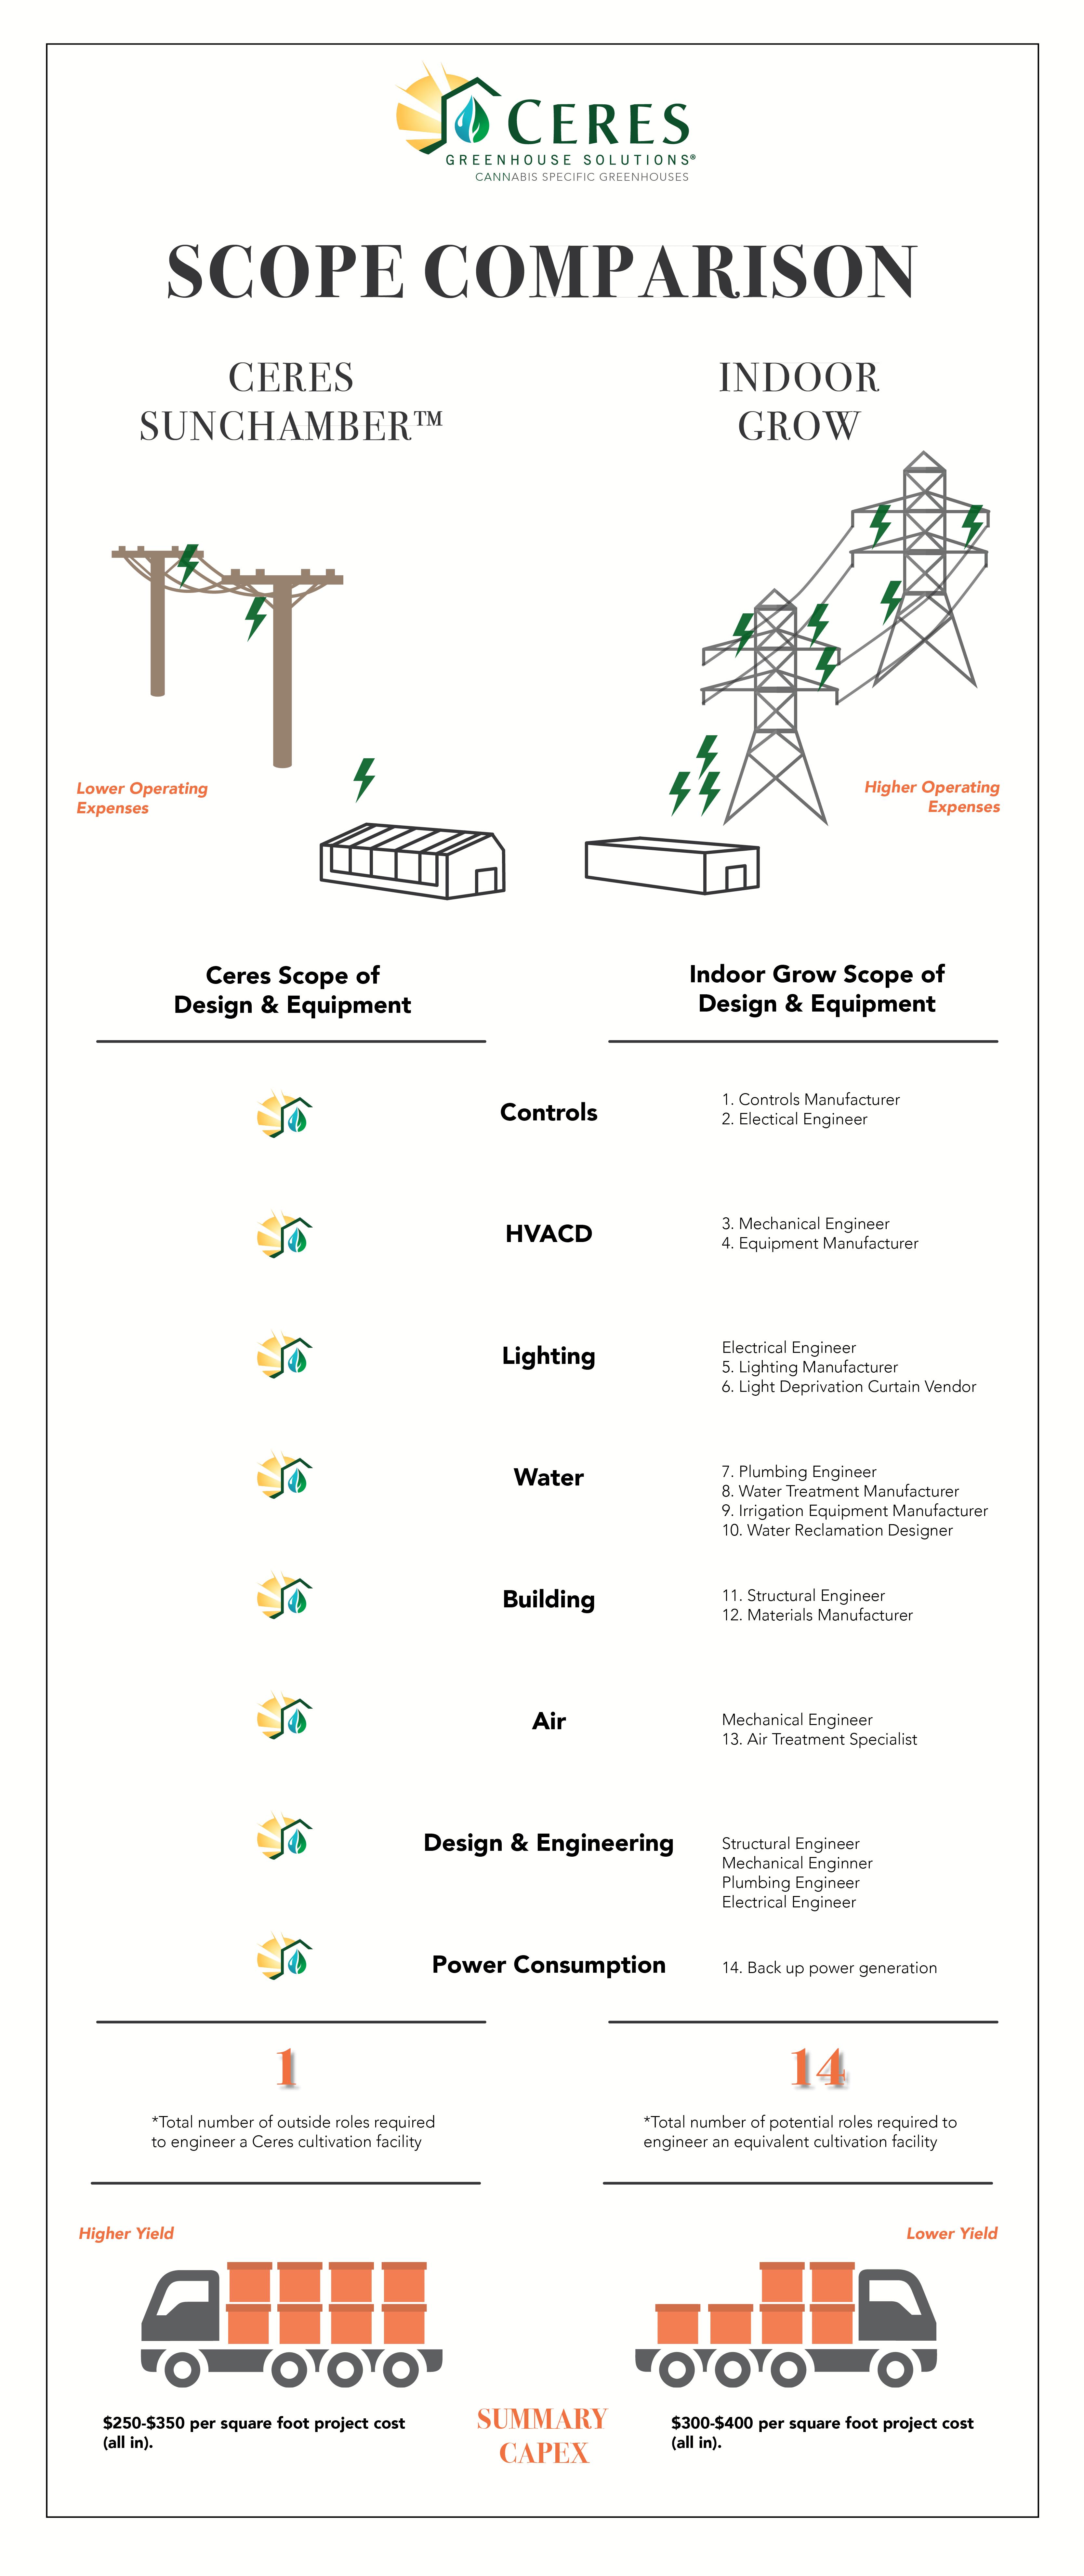 Ceres Scope Comparison